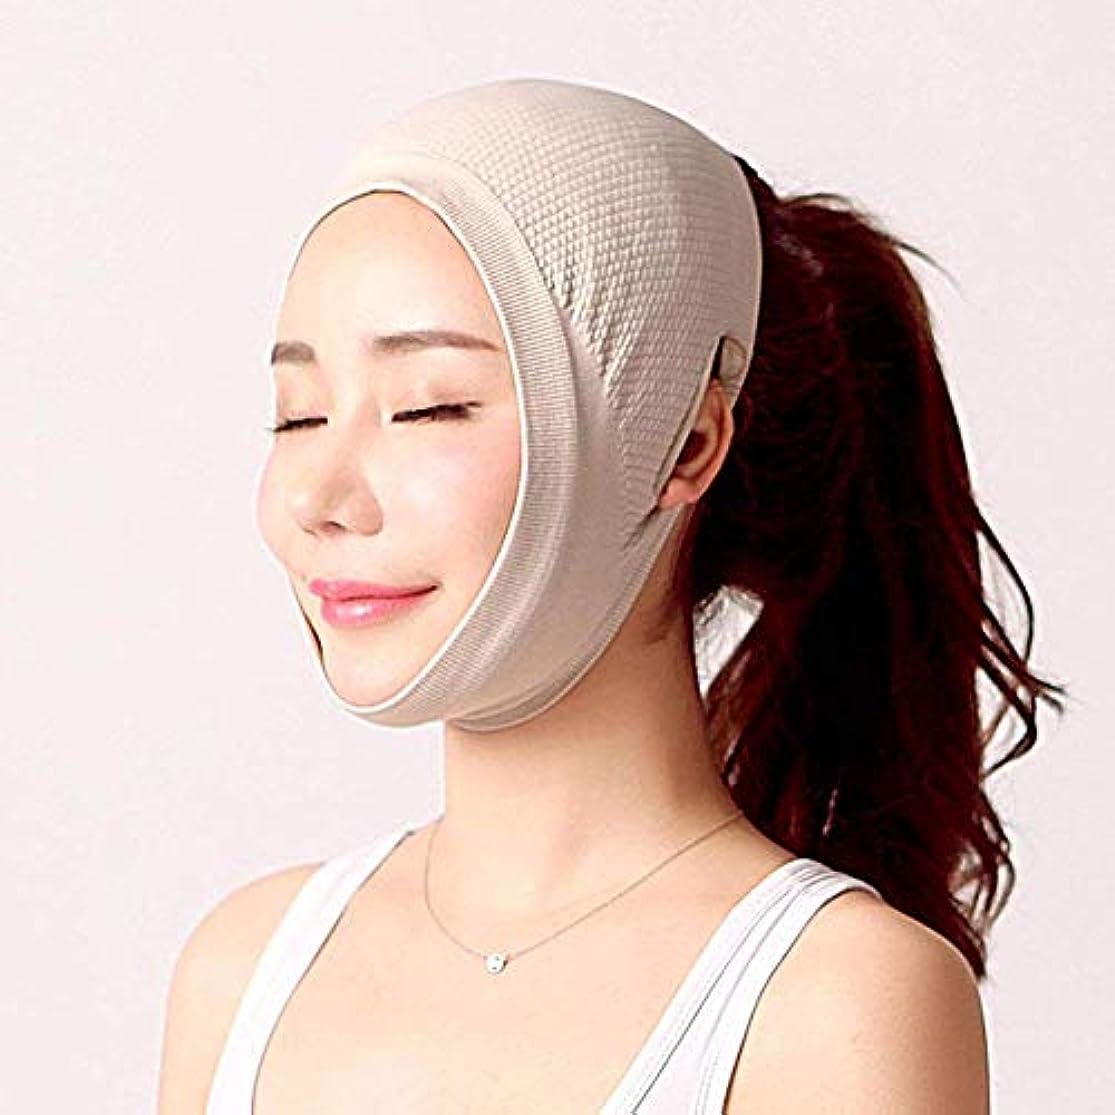 フェイスリフトマスク、Vリフトフェイスフェイスリフト包帯痩身あご頬マスク顔/Vフェイスラインフルフェイス痩身/二重あご通気性